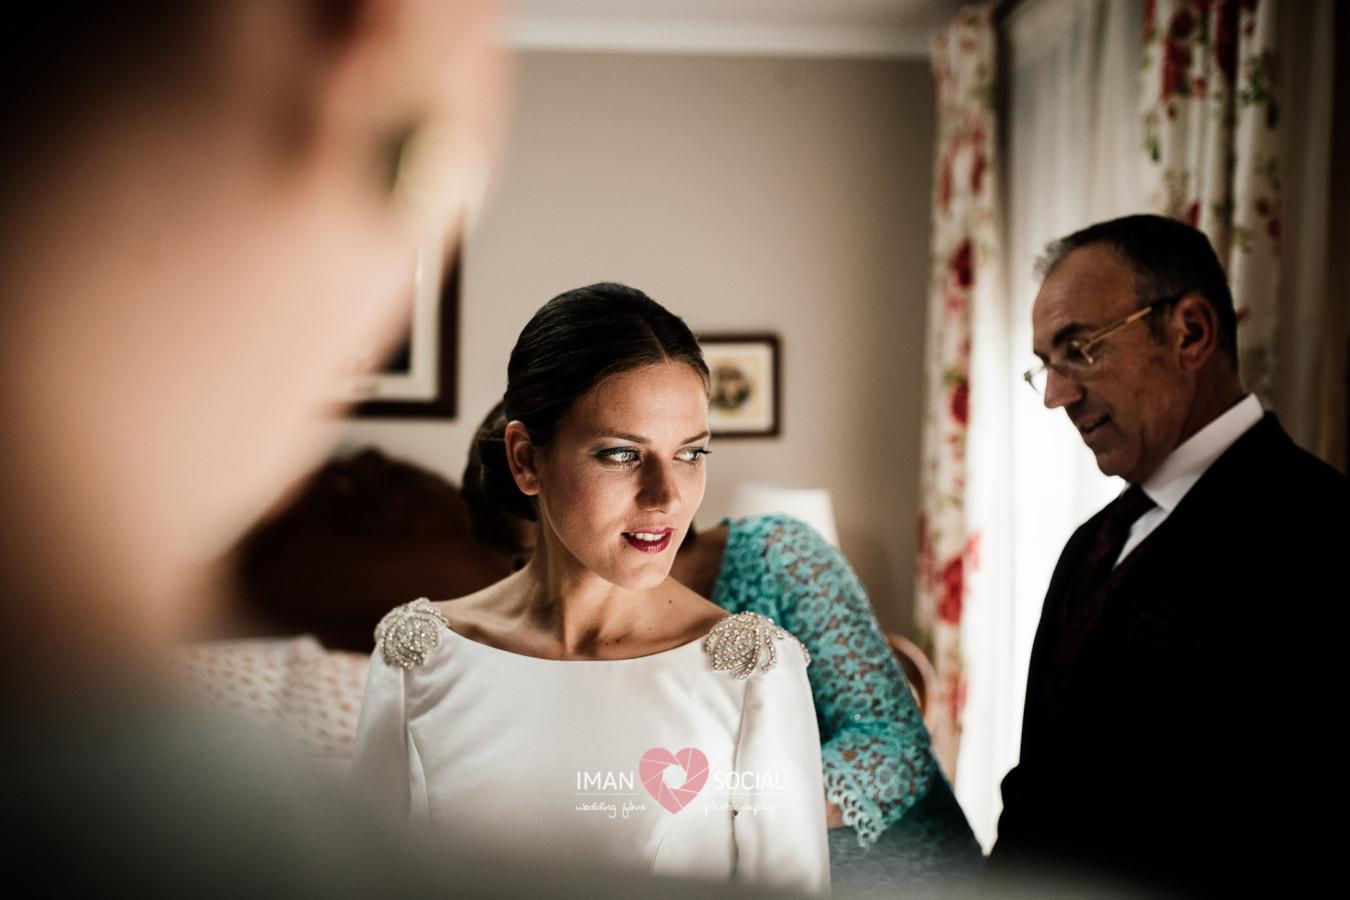 fotografo-de-boda-en-cordoba-sevilla-posadas-boda-auxi-y-antonio-22 Auxi & Antonio, primera boda de la temporada - video boda cordoba